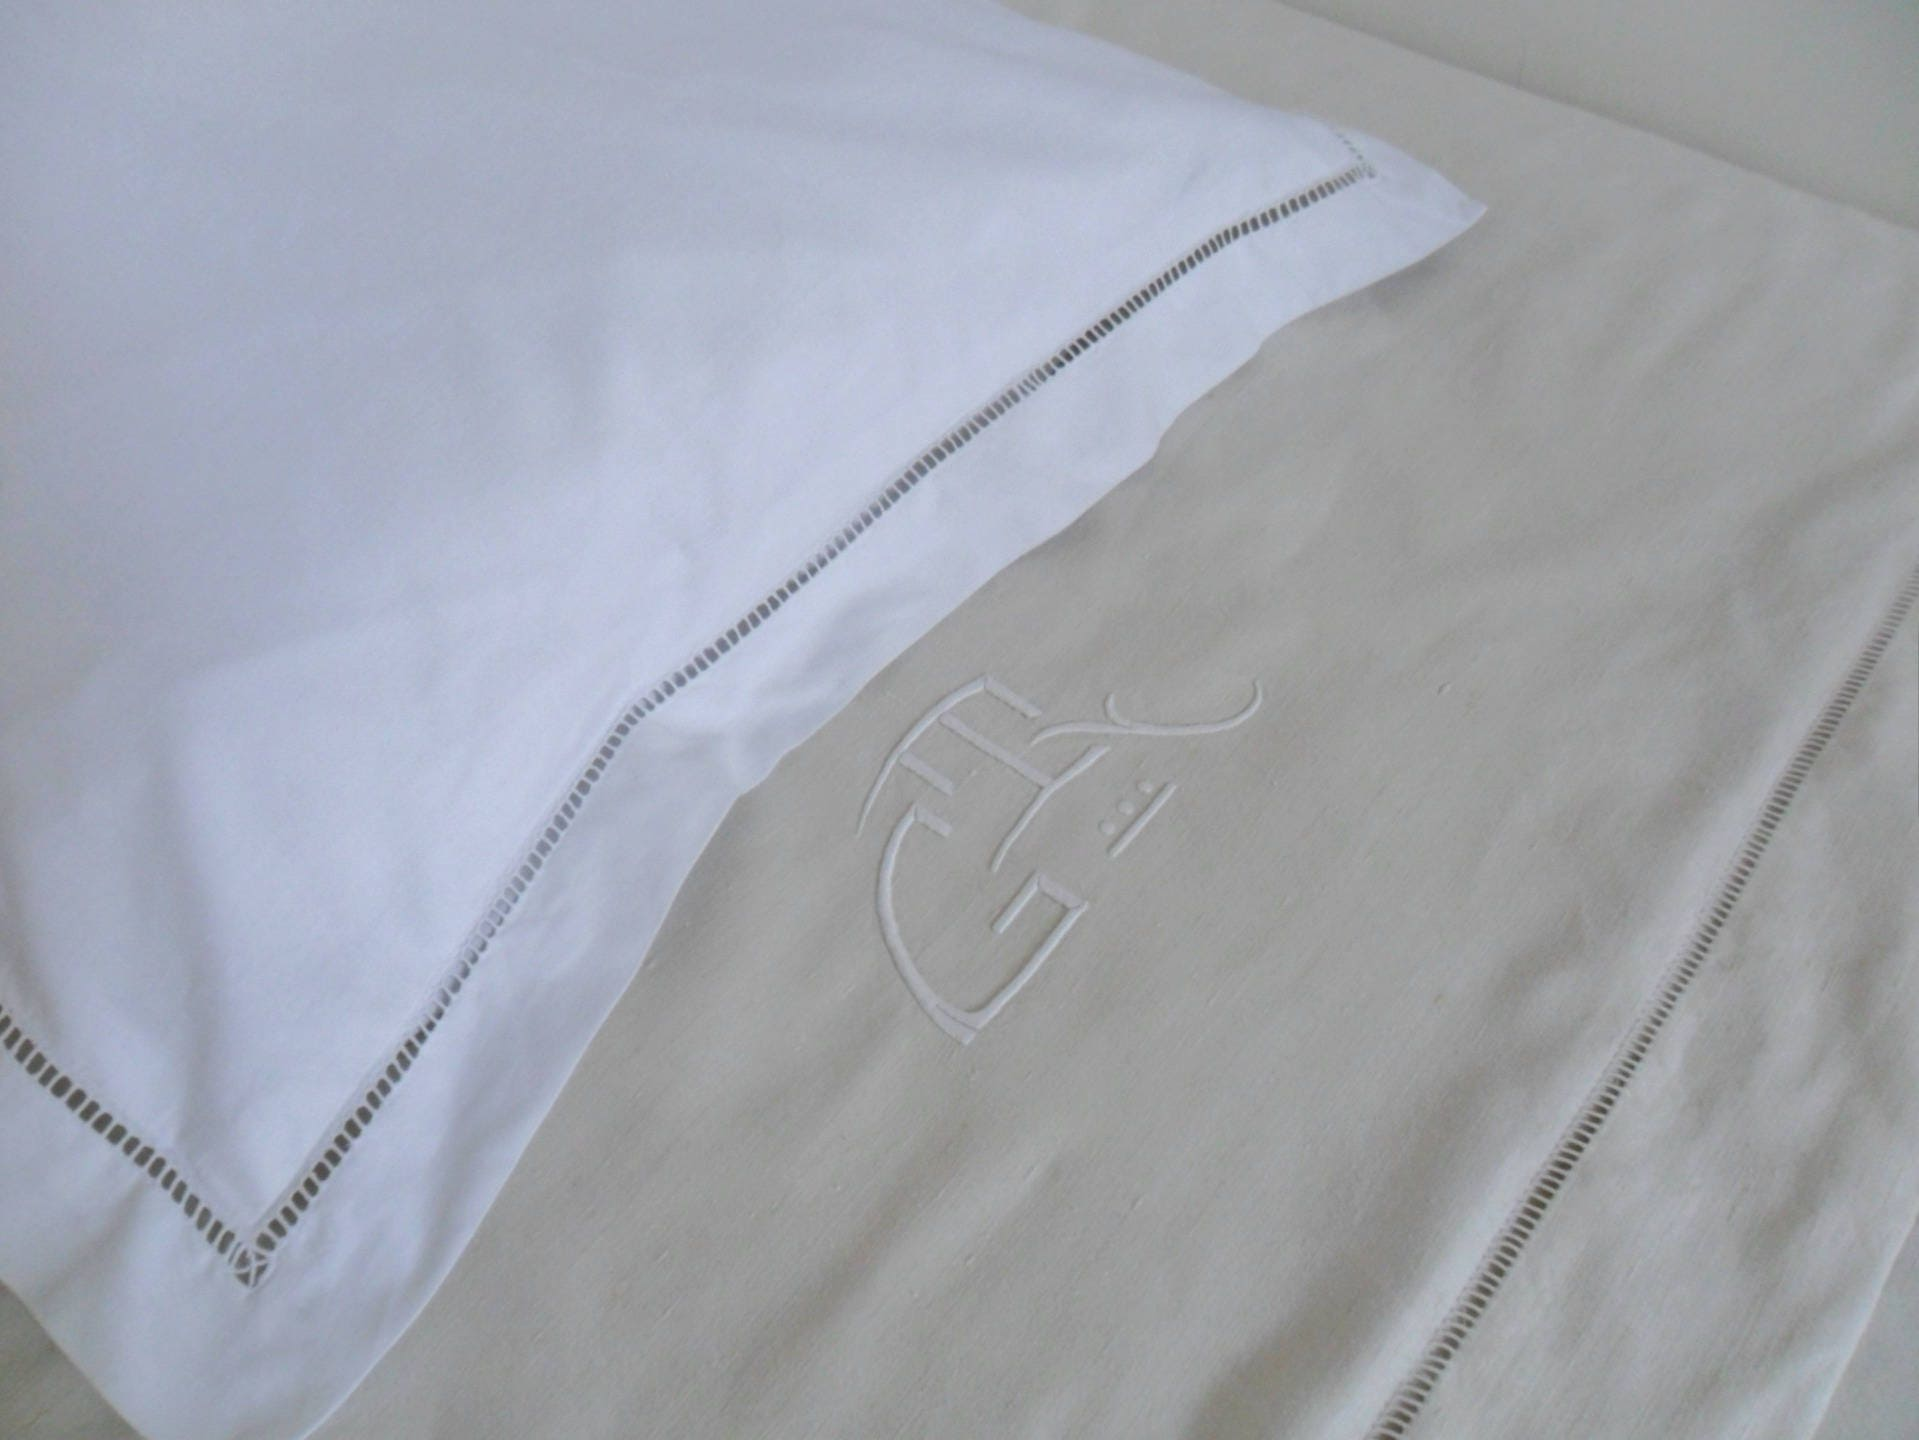 Housse de couette en lin et coton 150x200 cm 59x79 for Drap housse 150x200